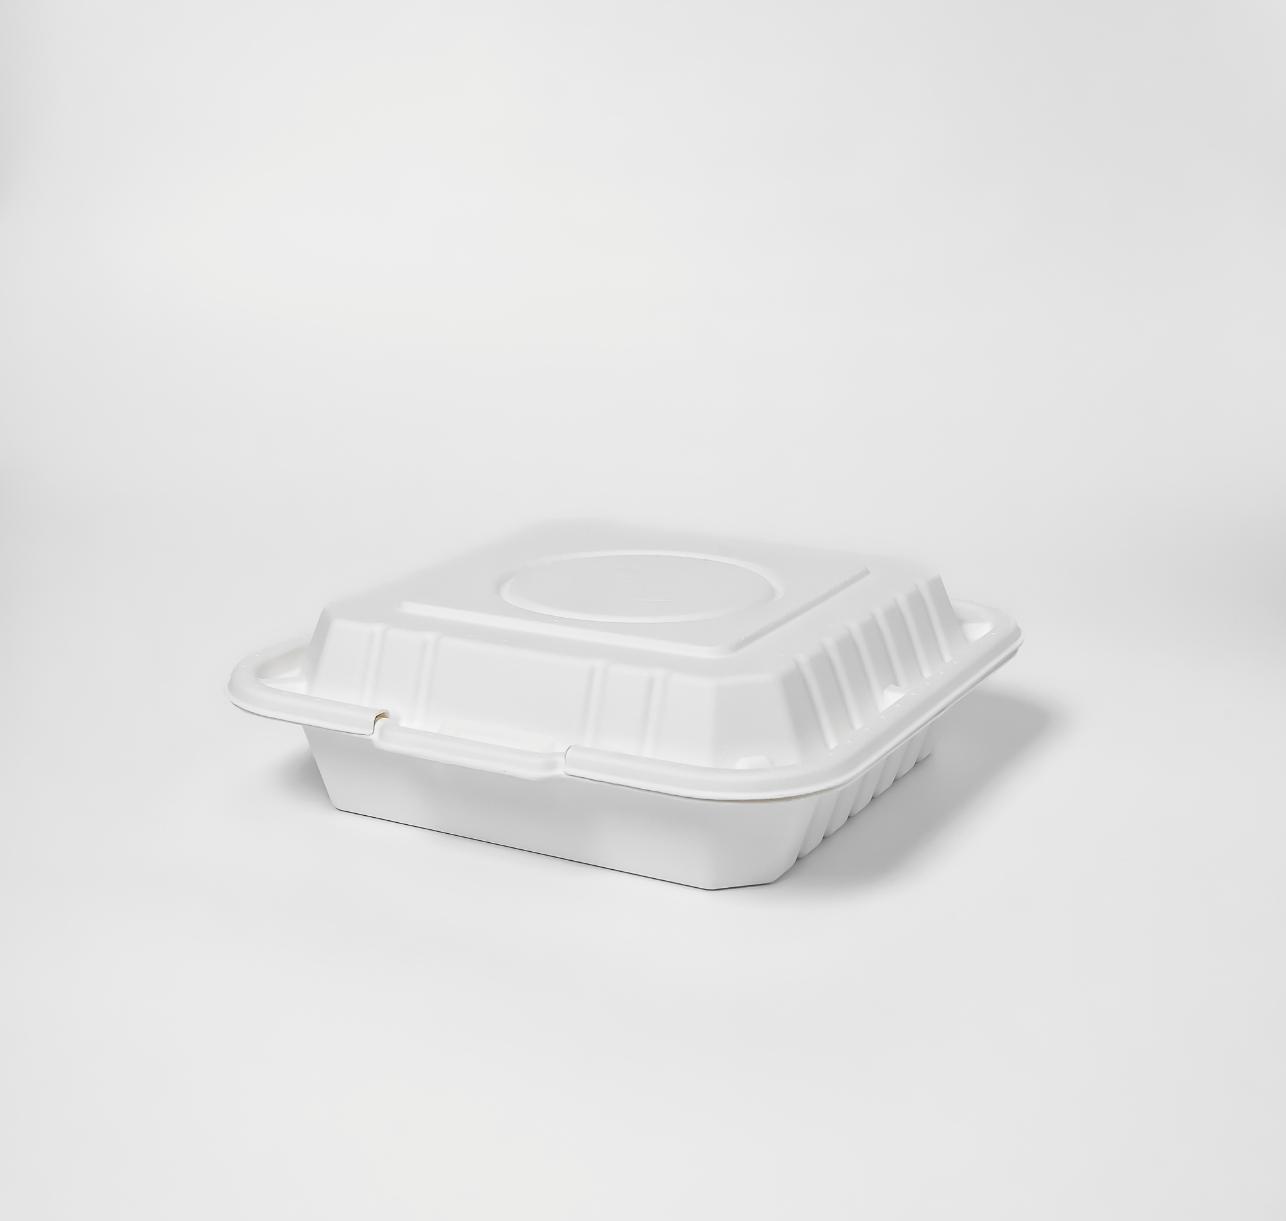 กล่องอาหารเยื่อธรรมชาติ ทรงจัตุรัส Eco 1000ml